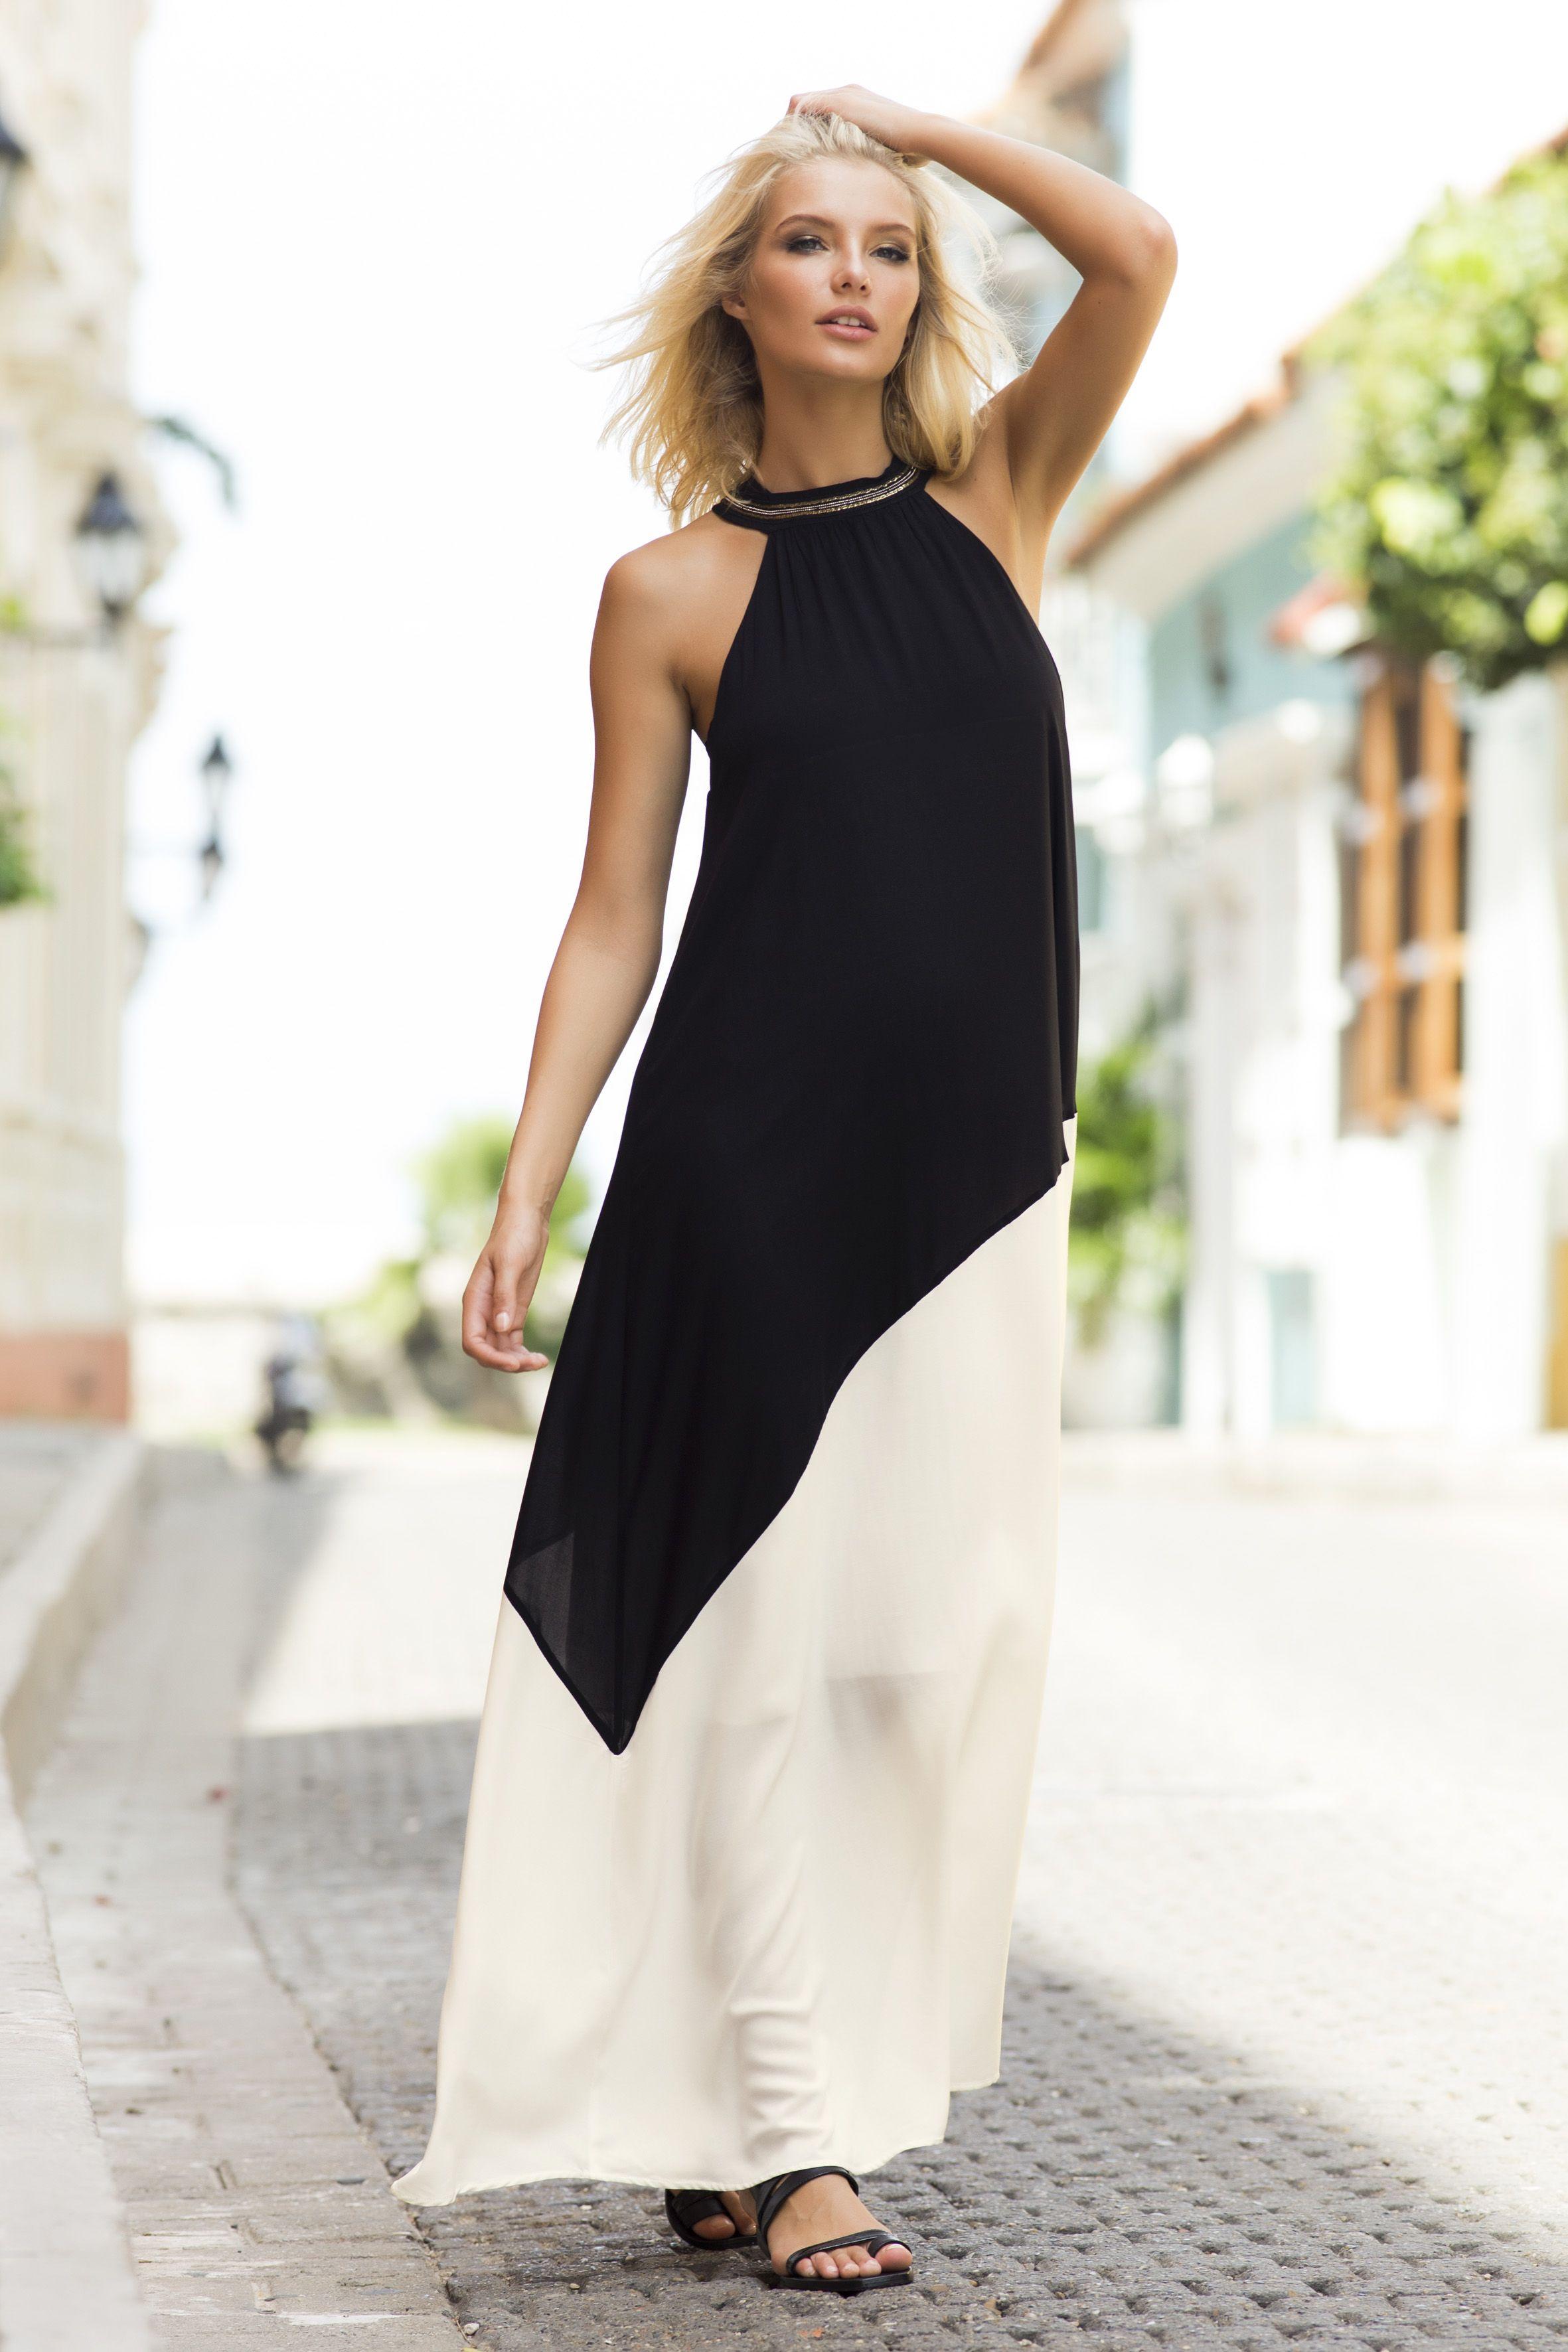 M co long dresses online